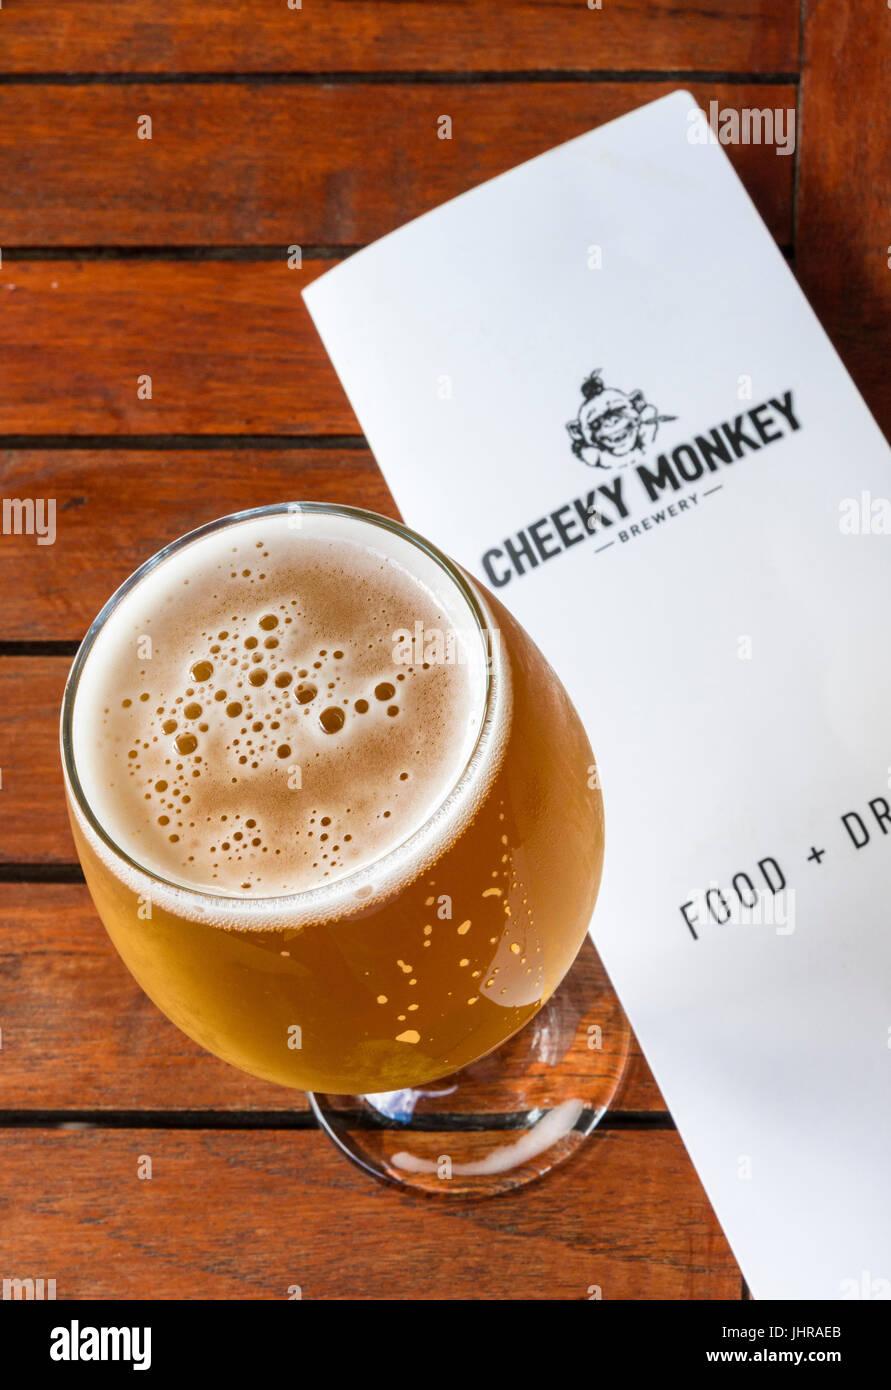 Se concentrer sur un verre de bière blonde bière au Cheeky Monkey brasserie, à l'ouest de l'Australie Photo Stock